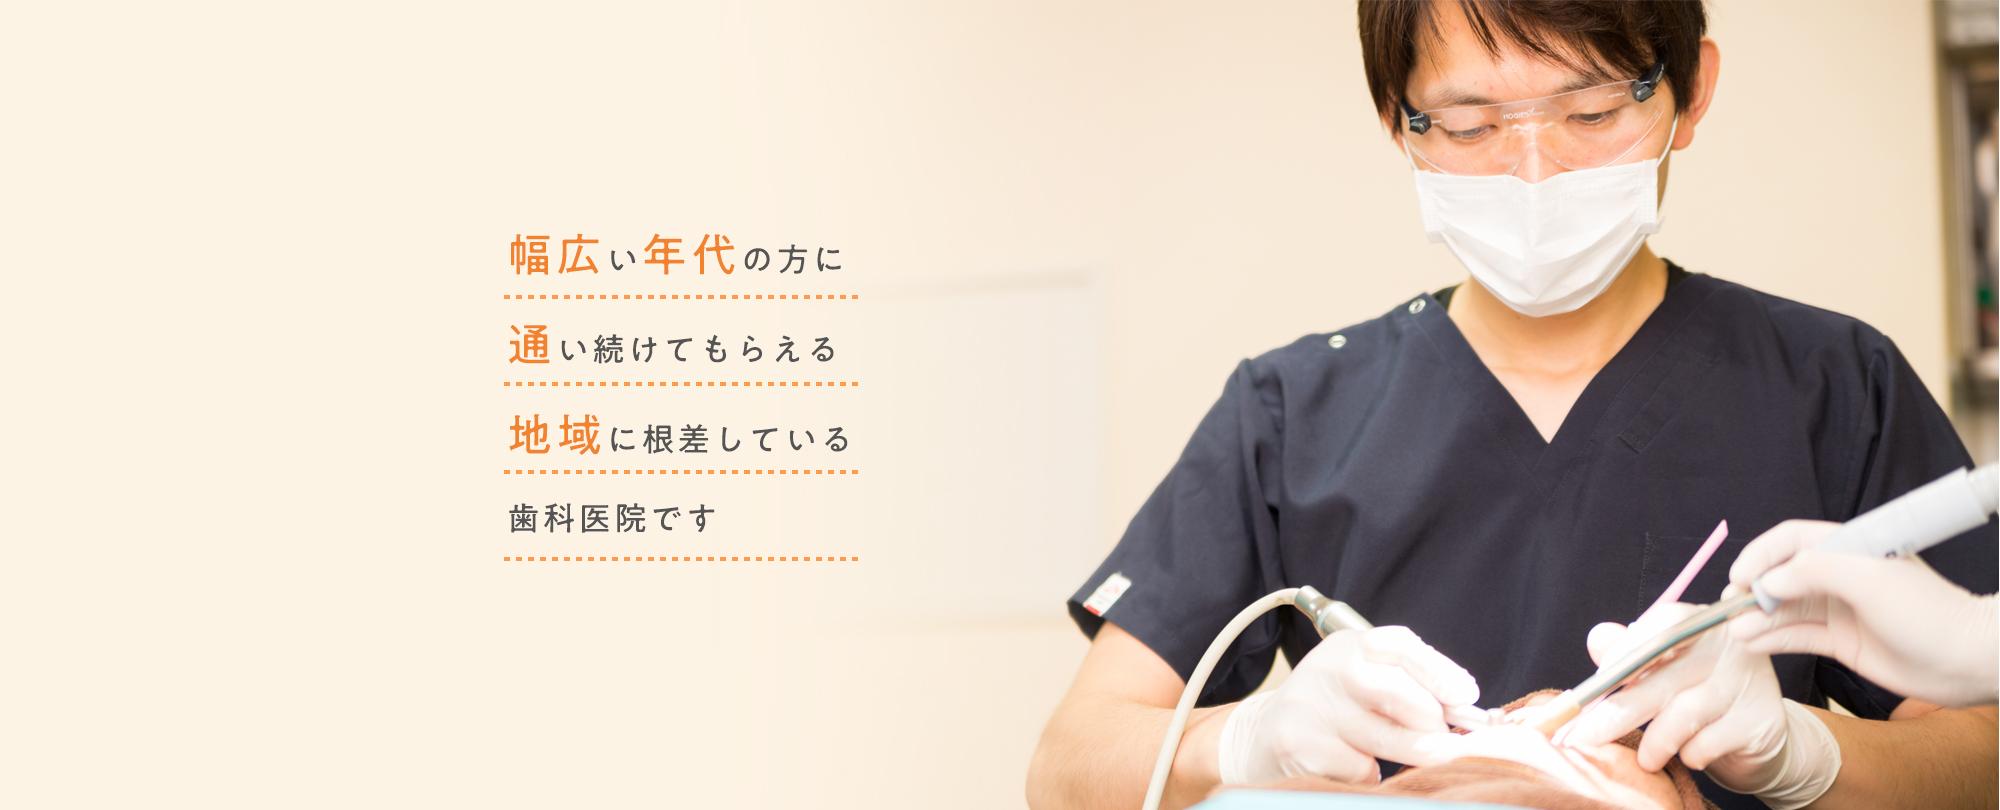 幅広い年代の方に通い続けてもらえる地域に根差している歯科医院です